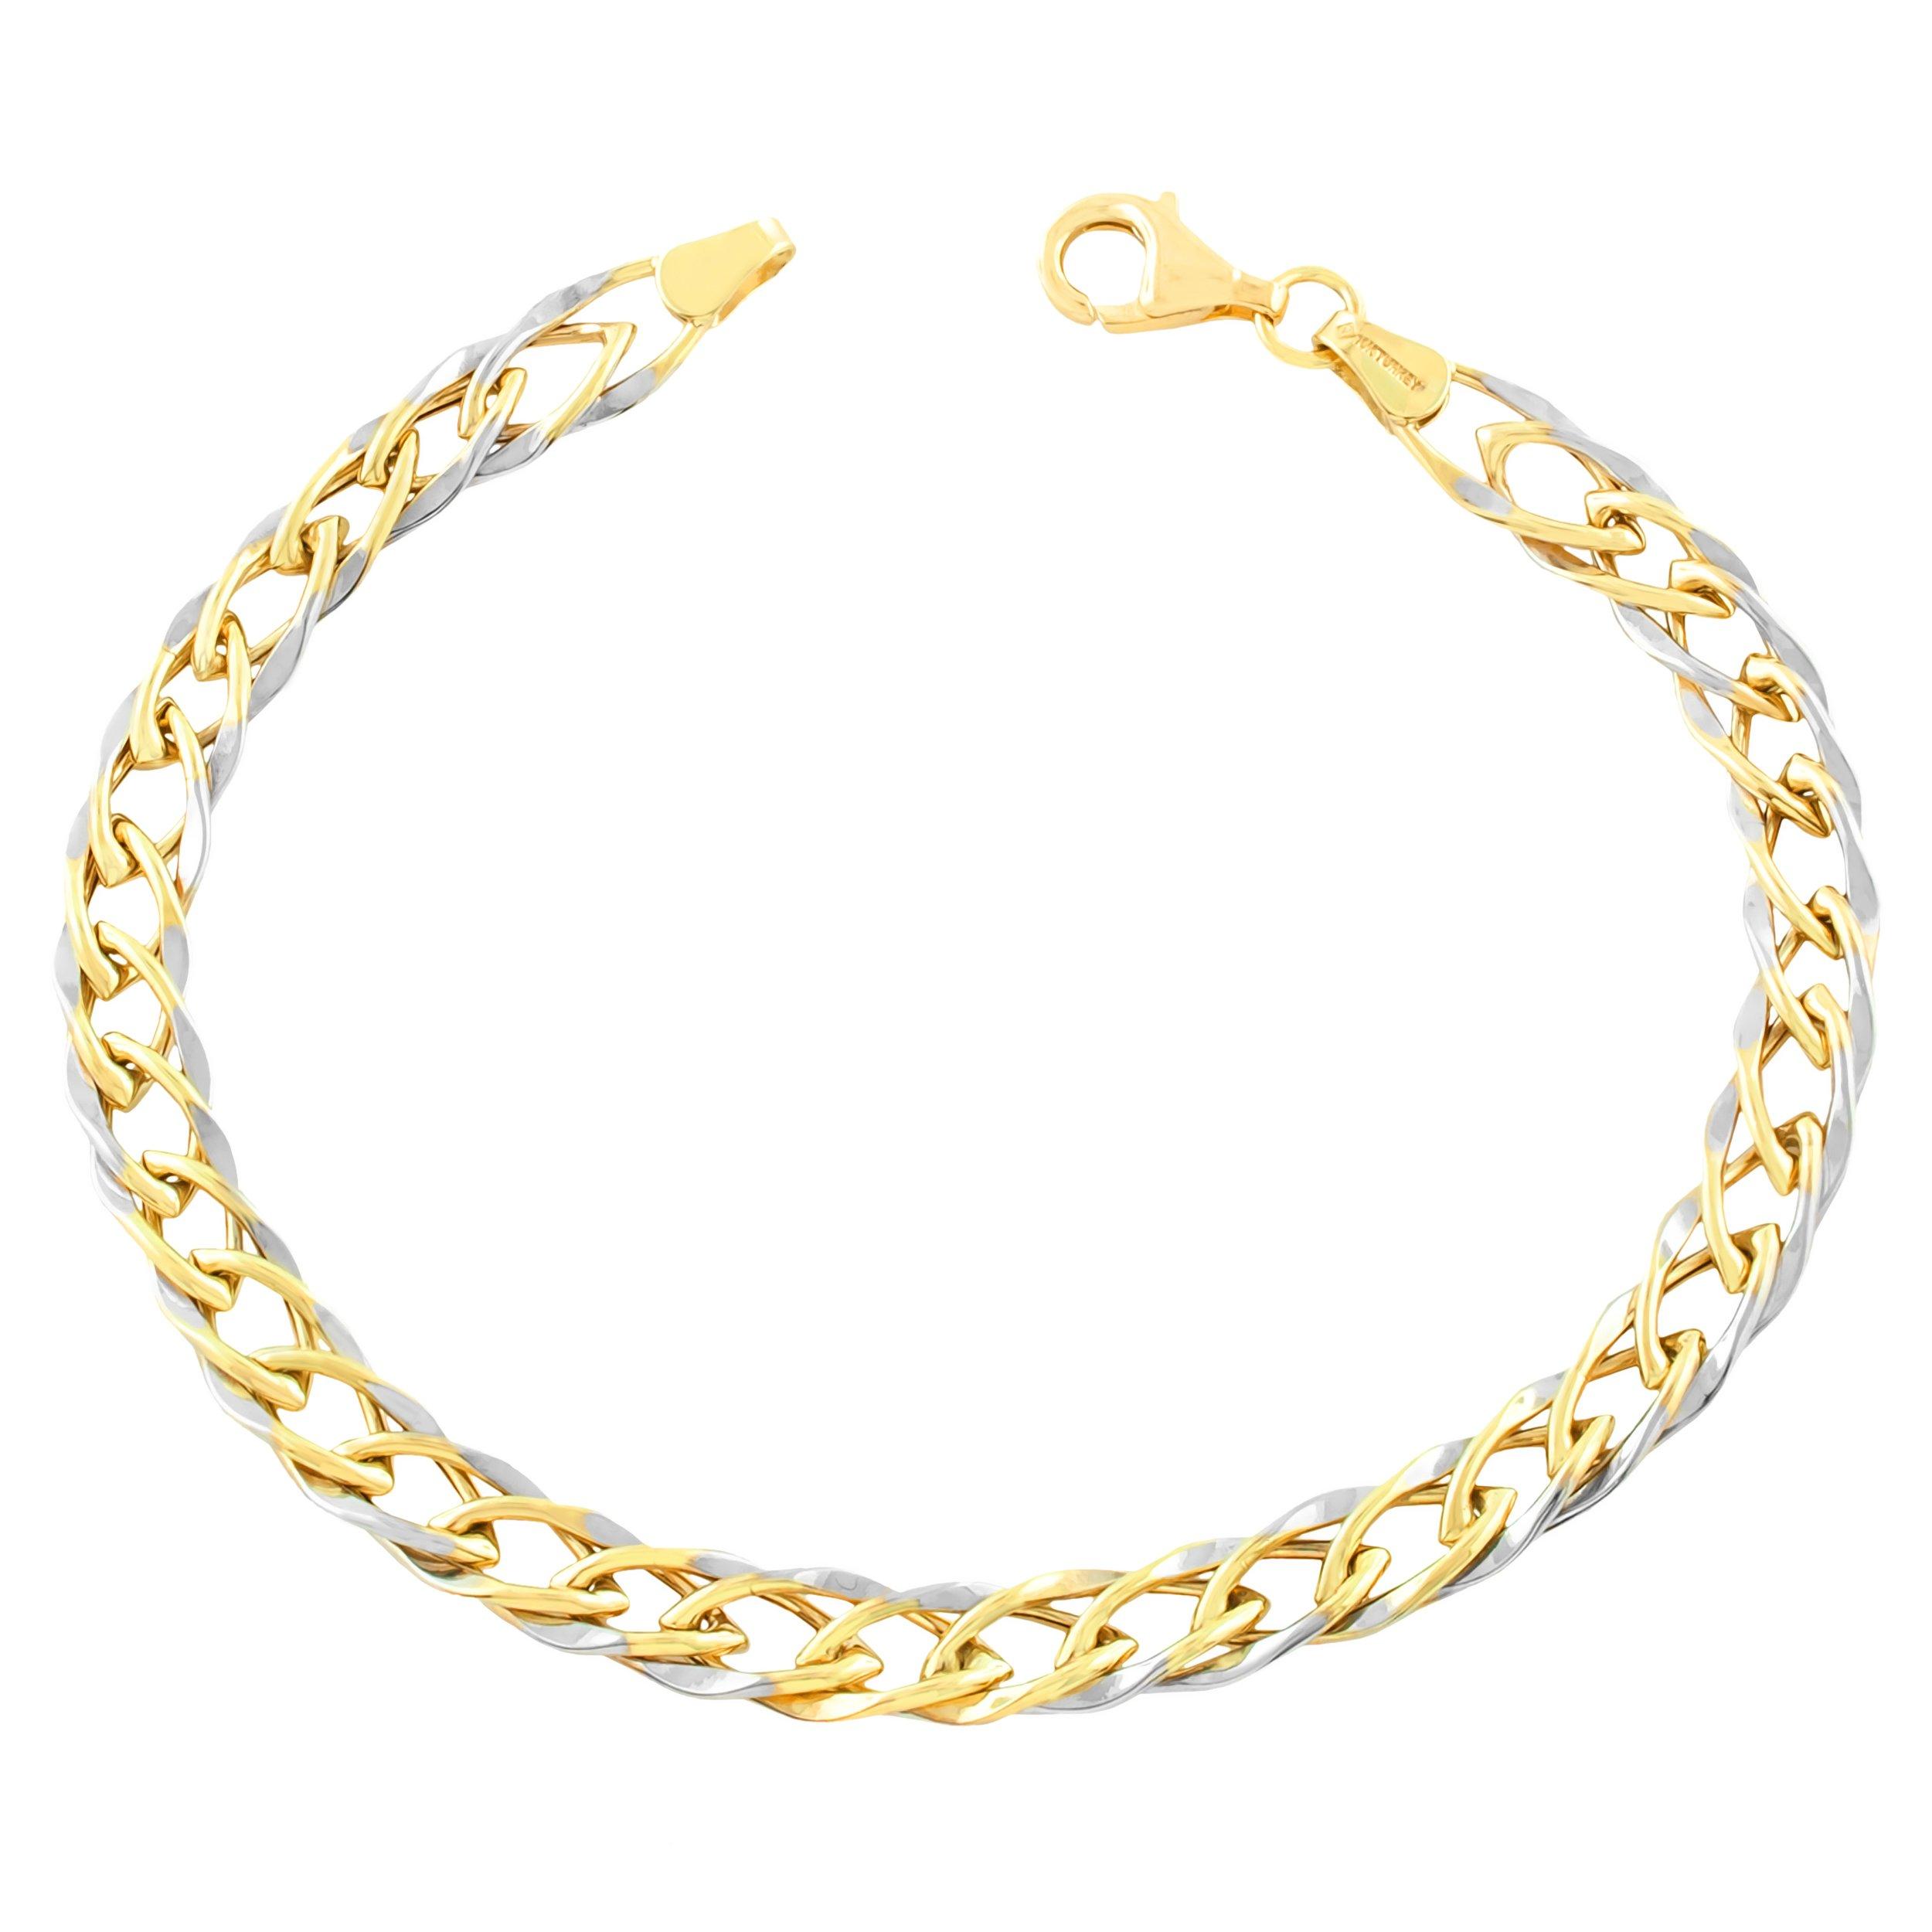 Kooljewelry 10k Two-Tone Gold Link Bracelet (7.5 inch) by Kooljewelry